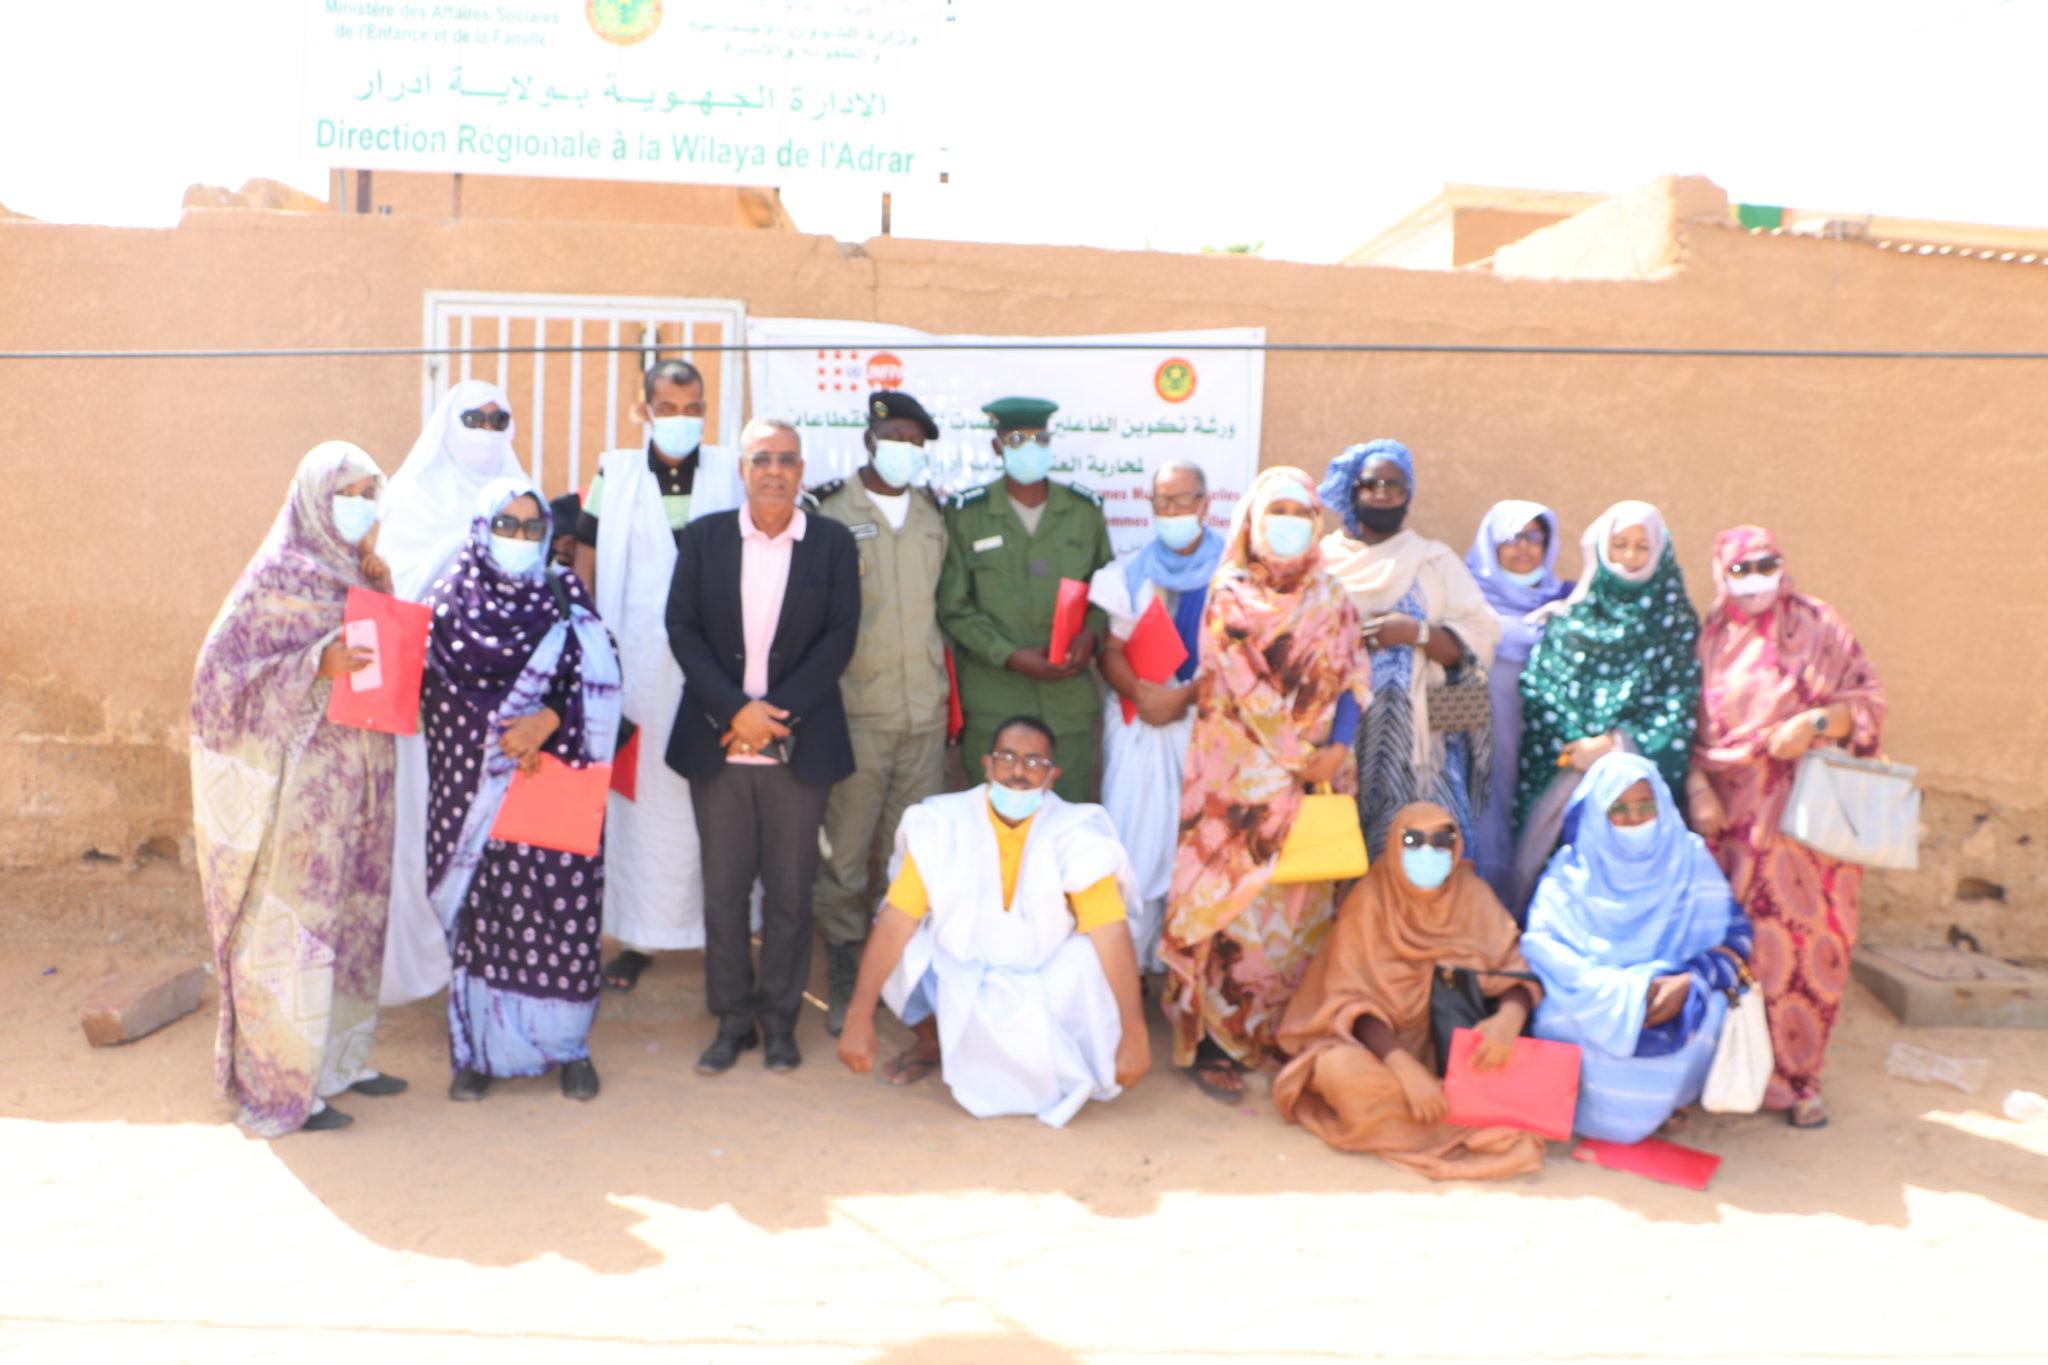 Mauritanie : plateforme de lutte contre les violences basées sur le genre à Atar, le drame des femmes victimes d'abandon conjugal